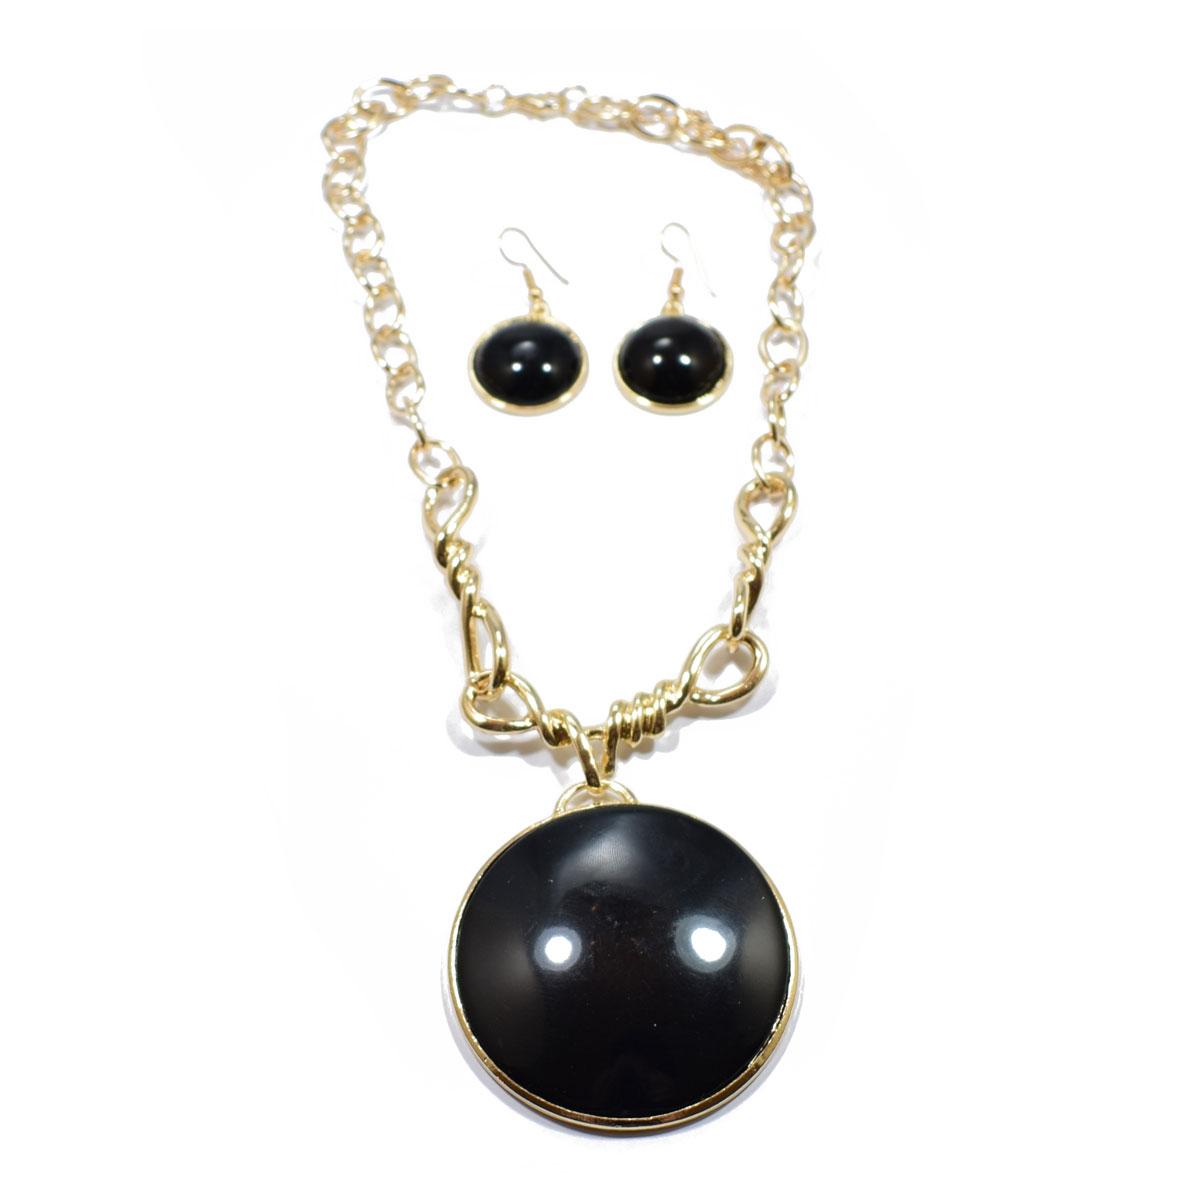 Κολιέ φο μπιζού (faux bijoux) με μαύρη πέτρα και σκουλαρίκια σετ  (BZ-NK-00005) ed3af2f6269